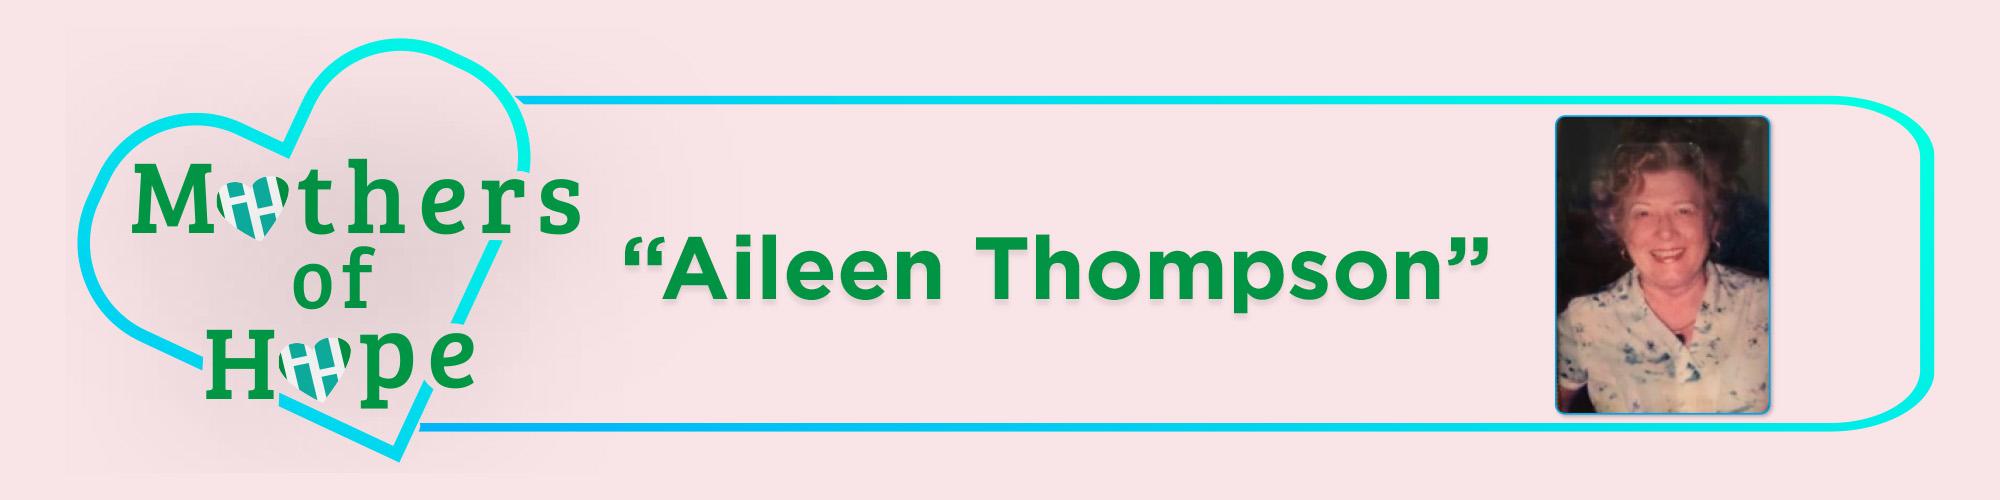 Aileen-Thompson